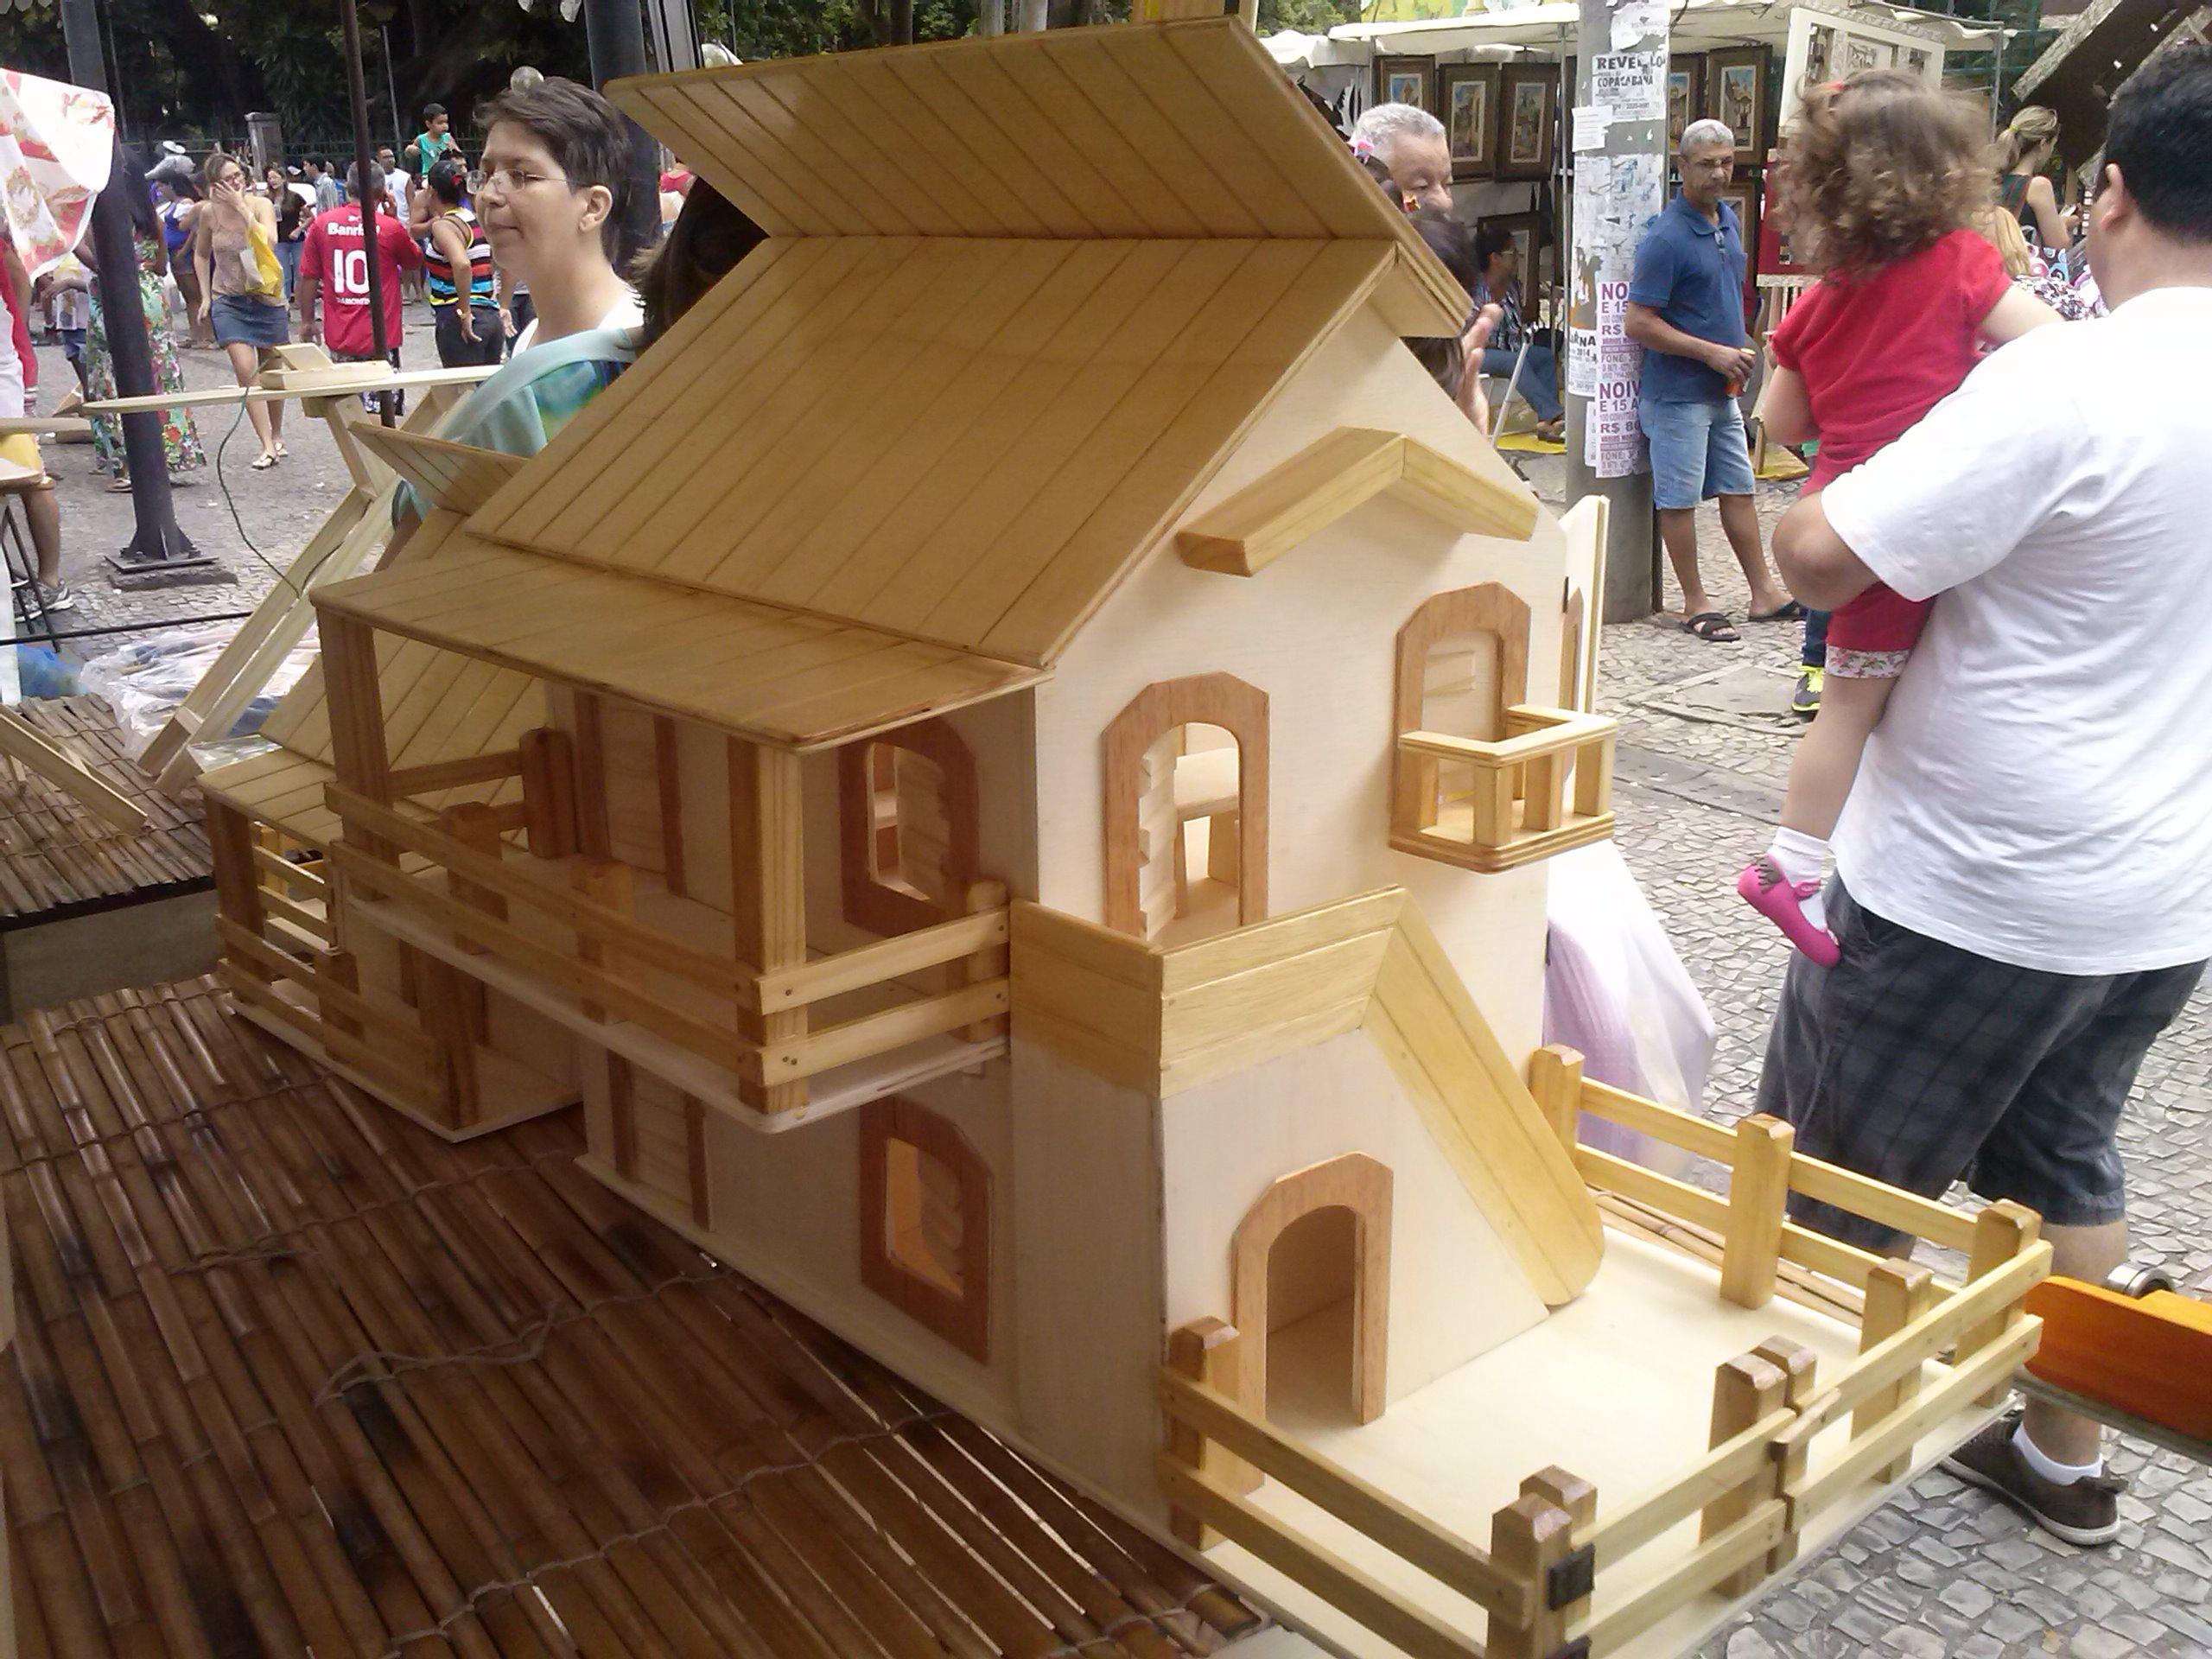 casinha de boneca com moveis em madeira casa de bonecas casinha de #694327 2560x1920